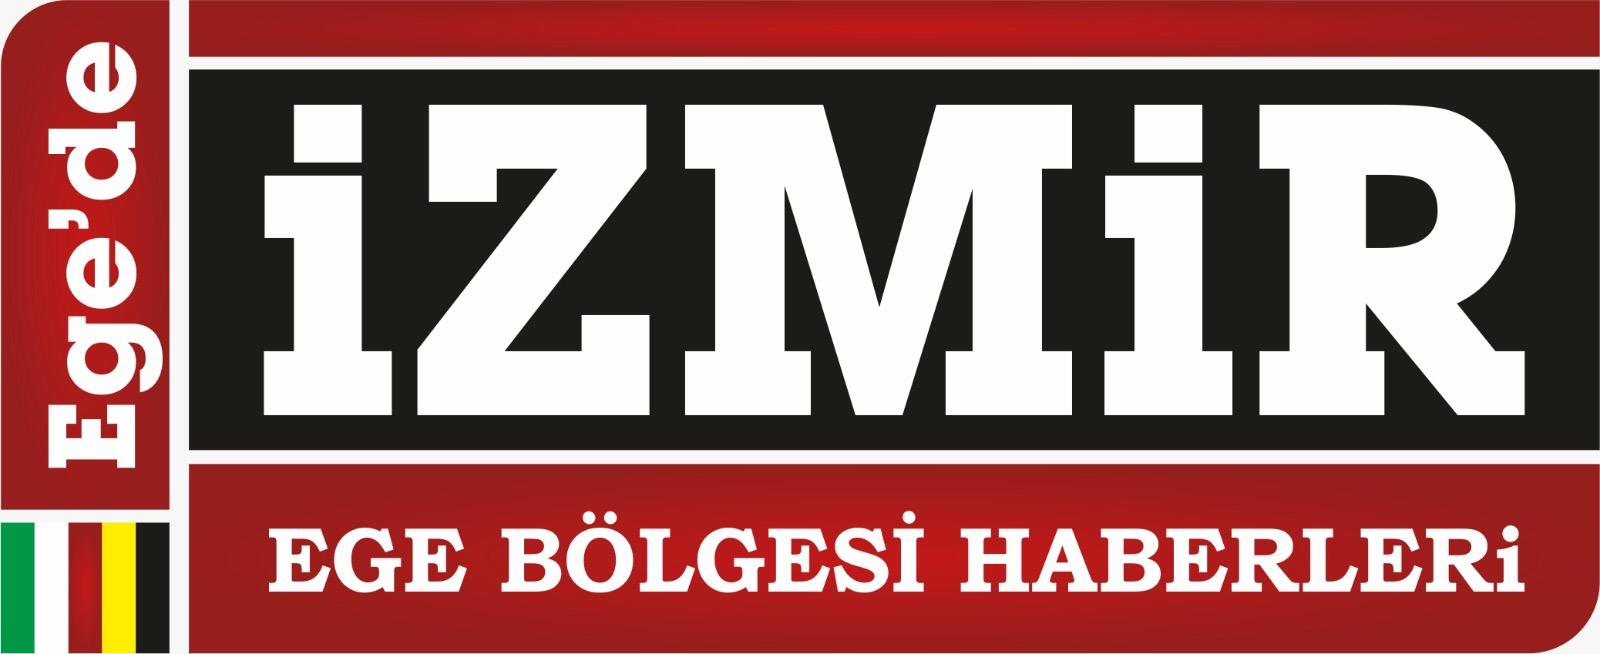 Ege'de izmir Haber, Ege Haberleri, Egede izmir, İzmir, Son Dakika izmir'in ve Ege'nin En Çok Okunan Haber Sitesi